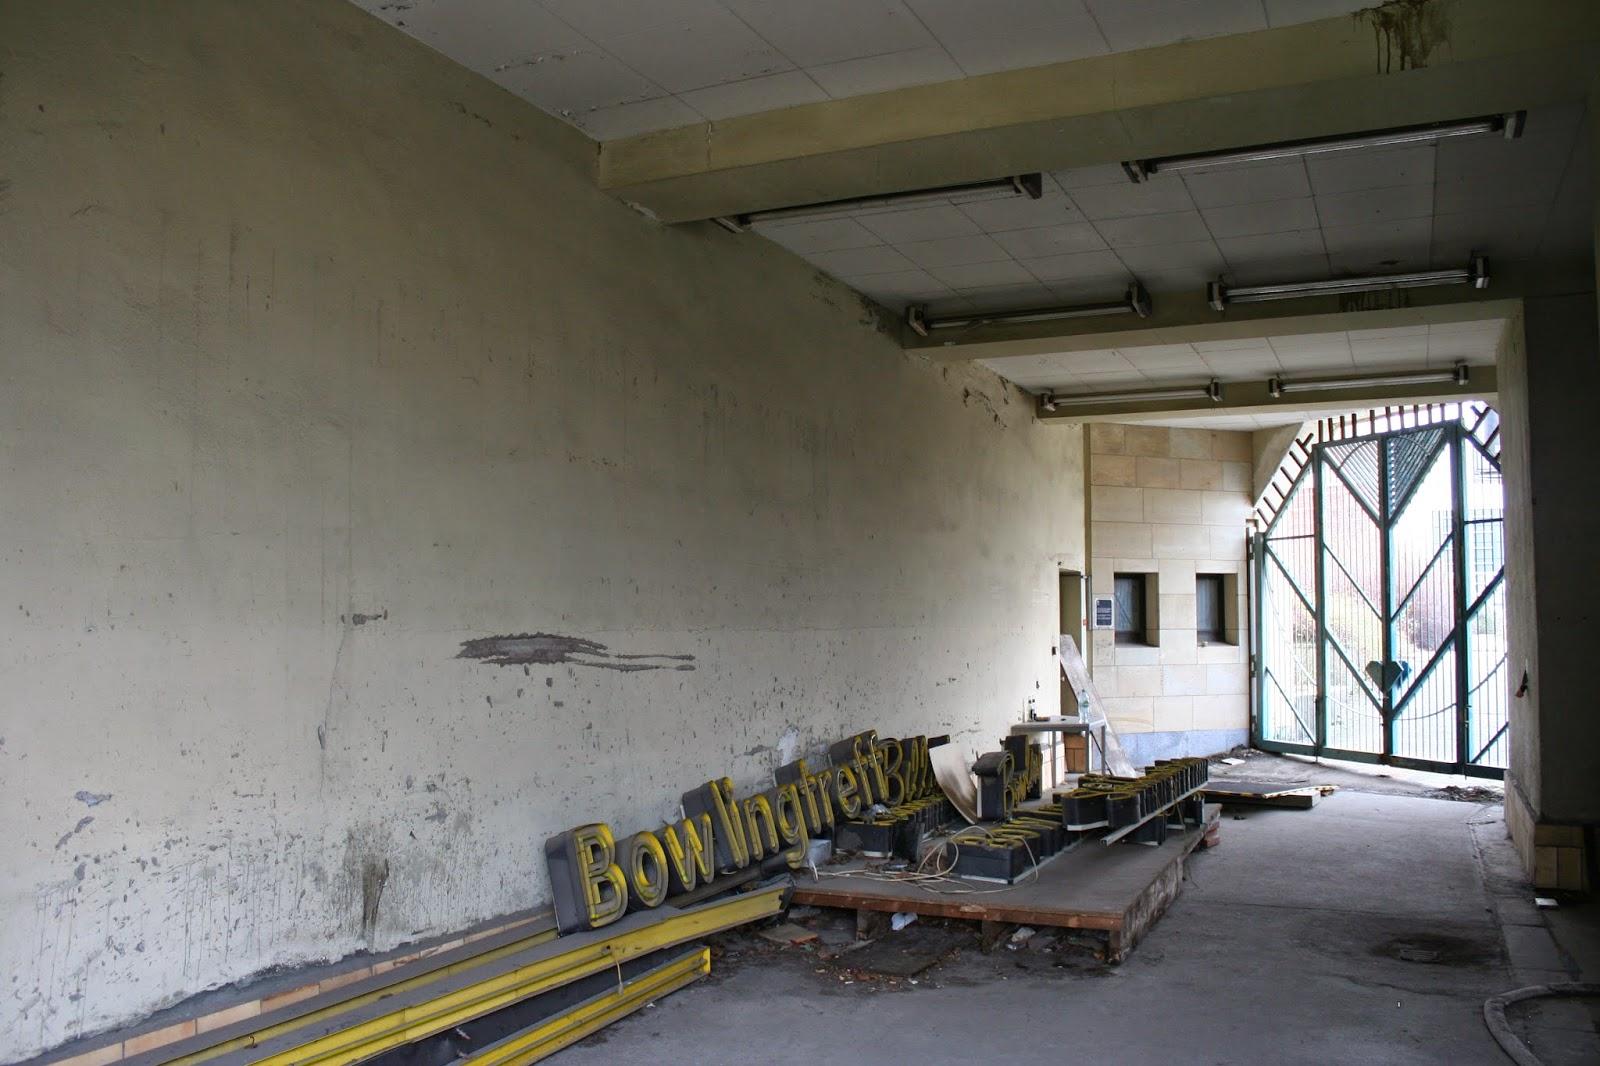 """Hier noch die alten Schilder mit der Aufschrift """"Bowlingtreff"""" eingeschlossen in einem Nebenraum - auch eine Nutzung als Naturkundemuseum wurde in Betracht gezogen"""